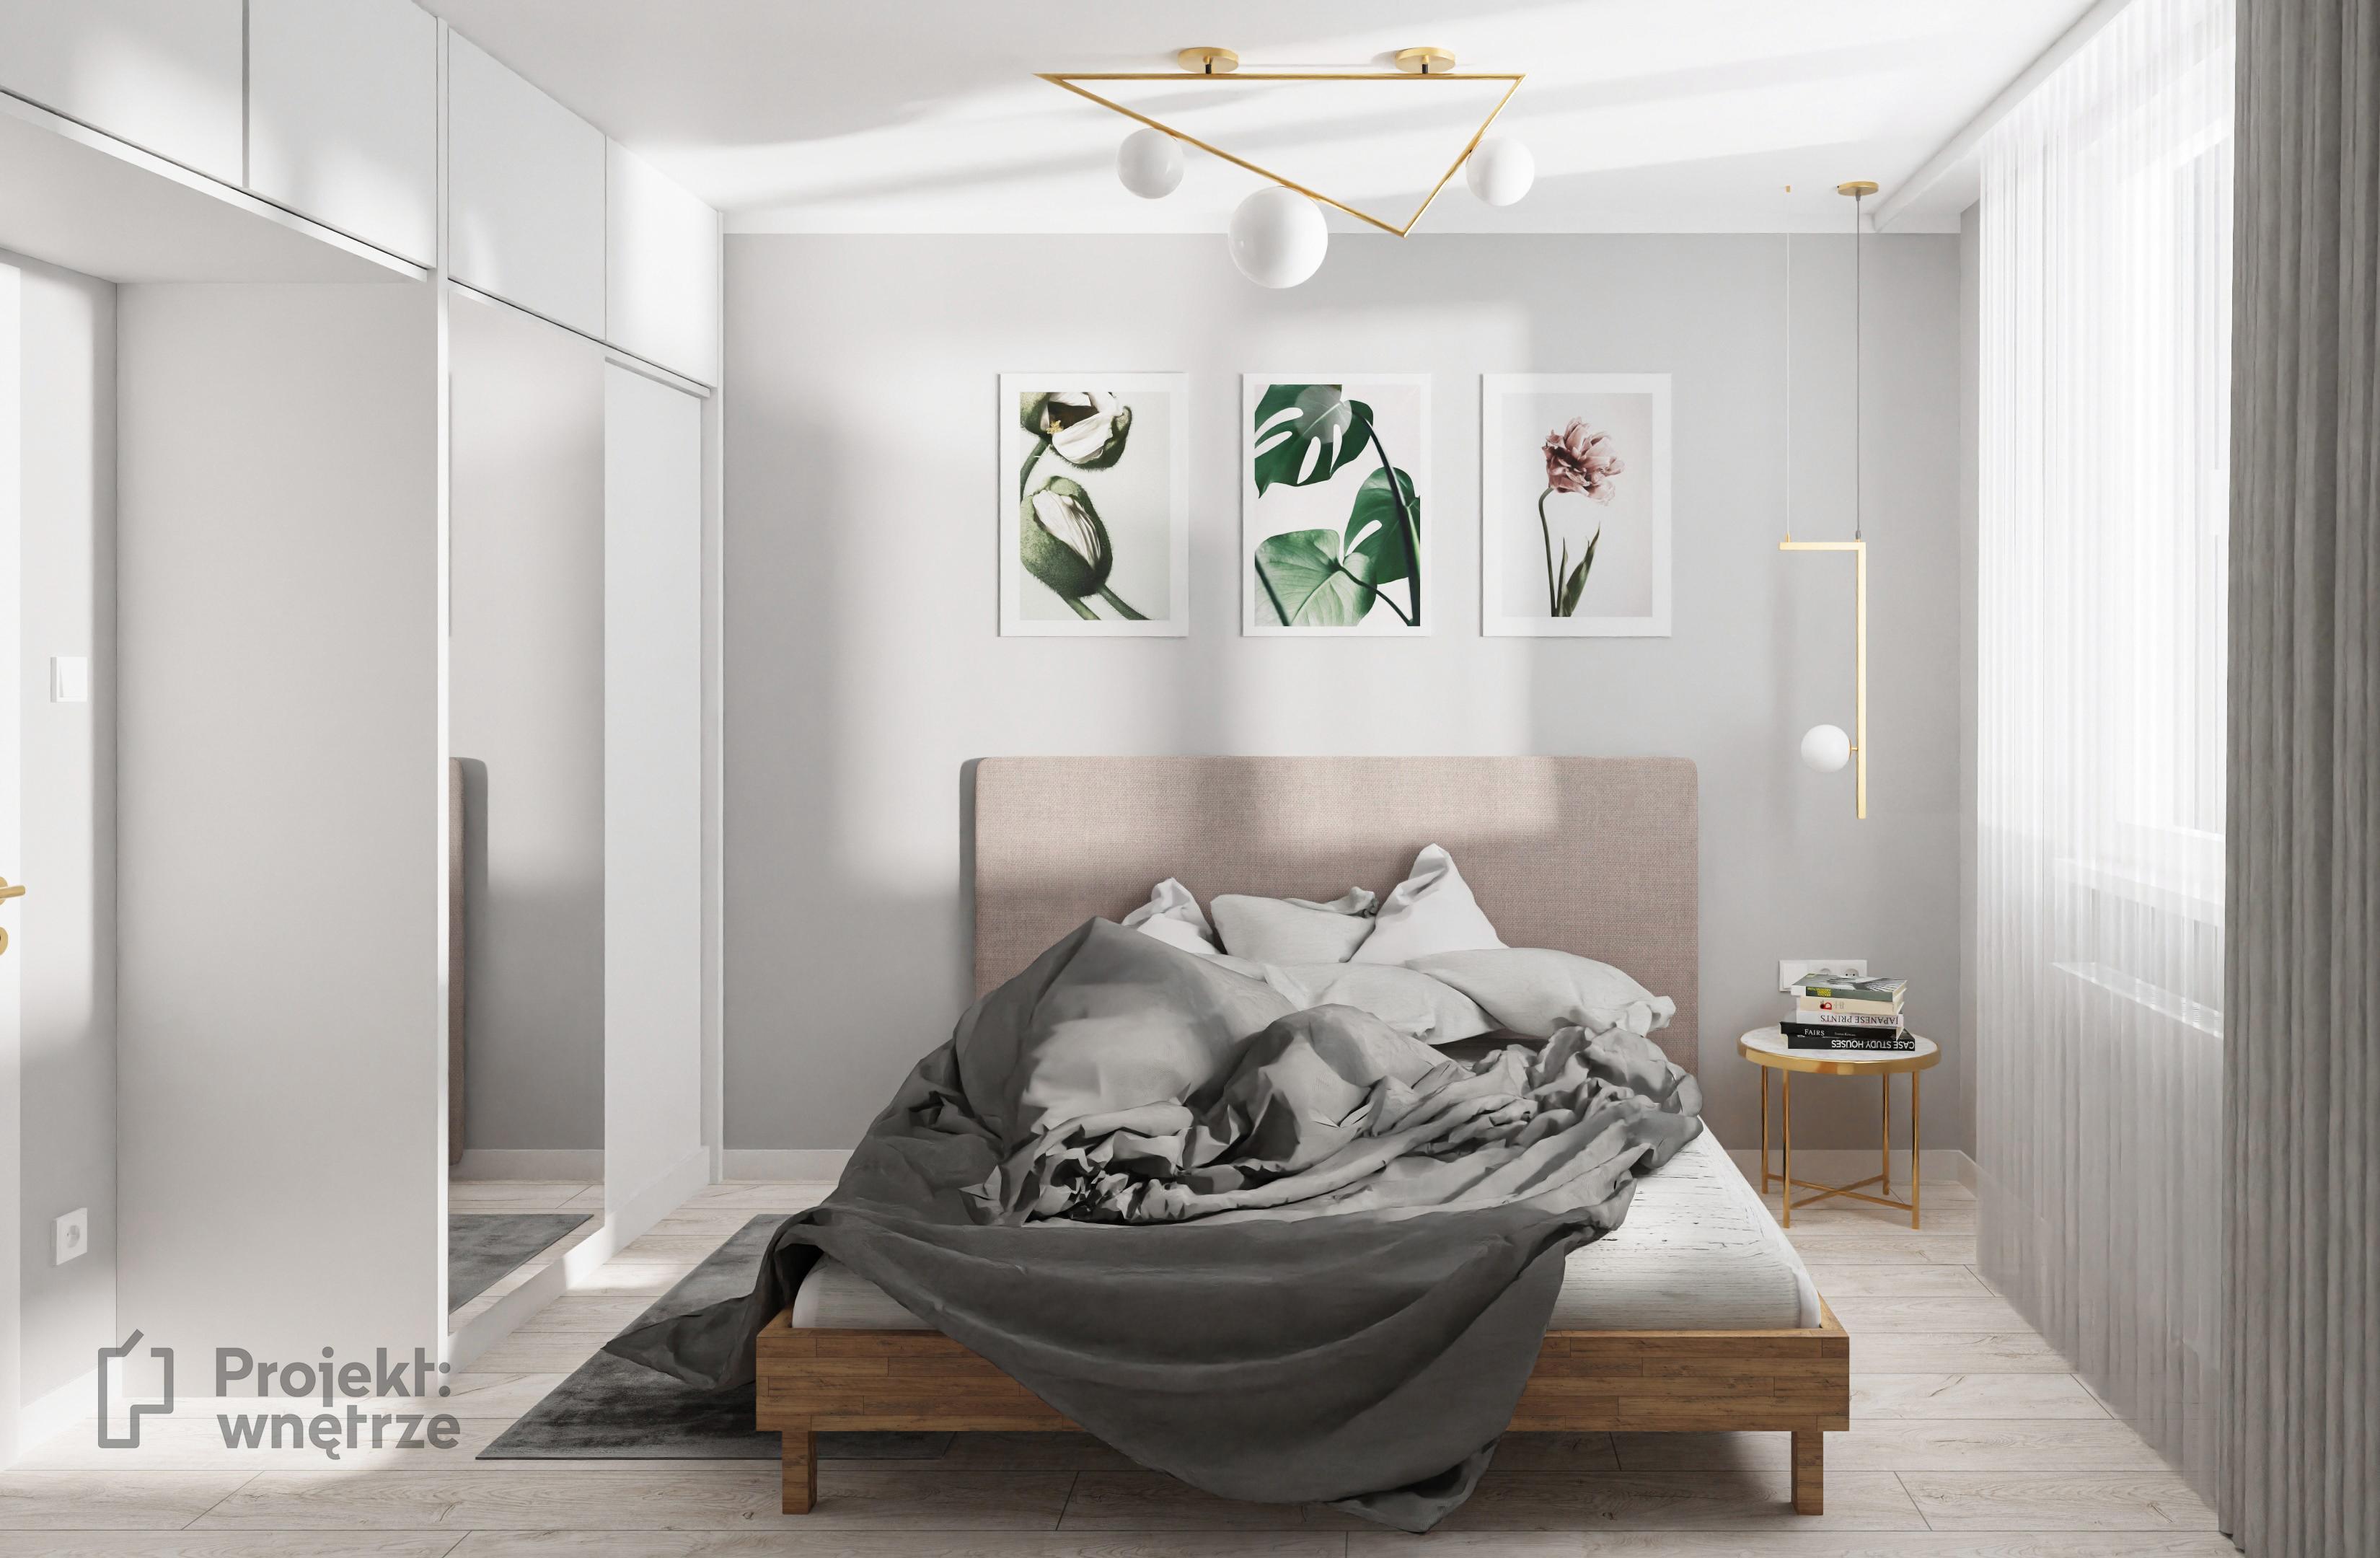 Sypialnia pudrowy róż ciemna zieleń złote akcenty białe meble - projekt sypialni w mieszkaniu w Ożarowie - PROJEKT WNĘTRZE www.projektwnetrze.com.pl